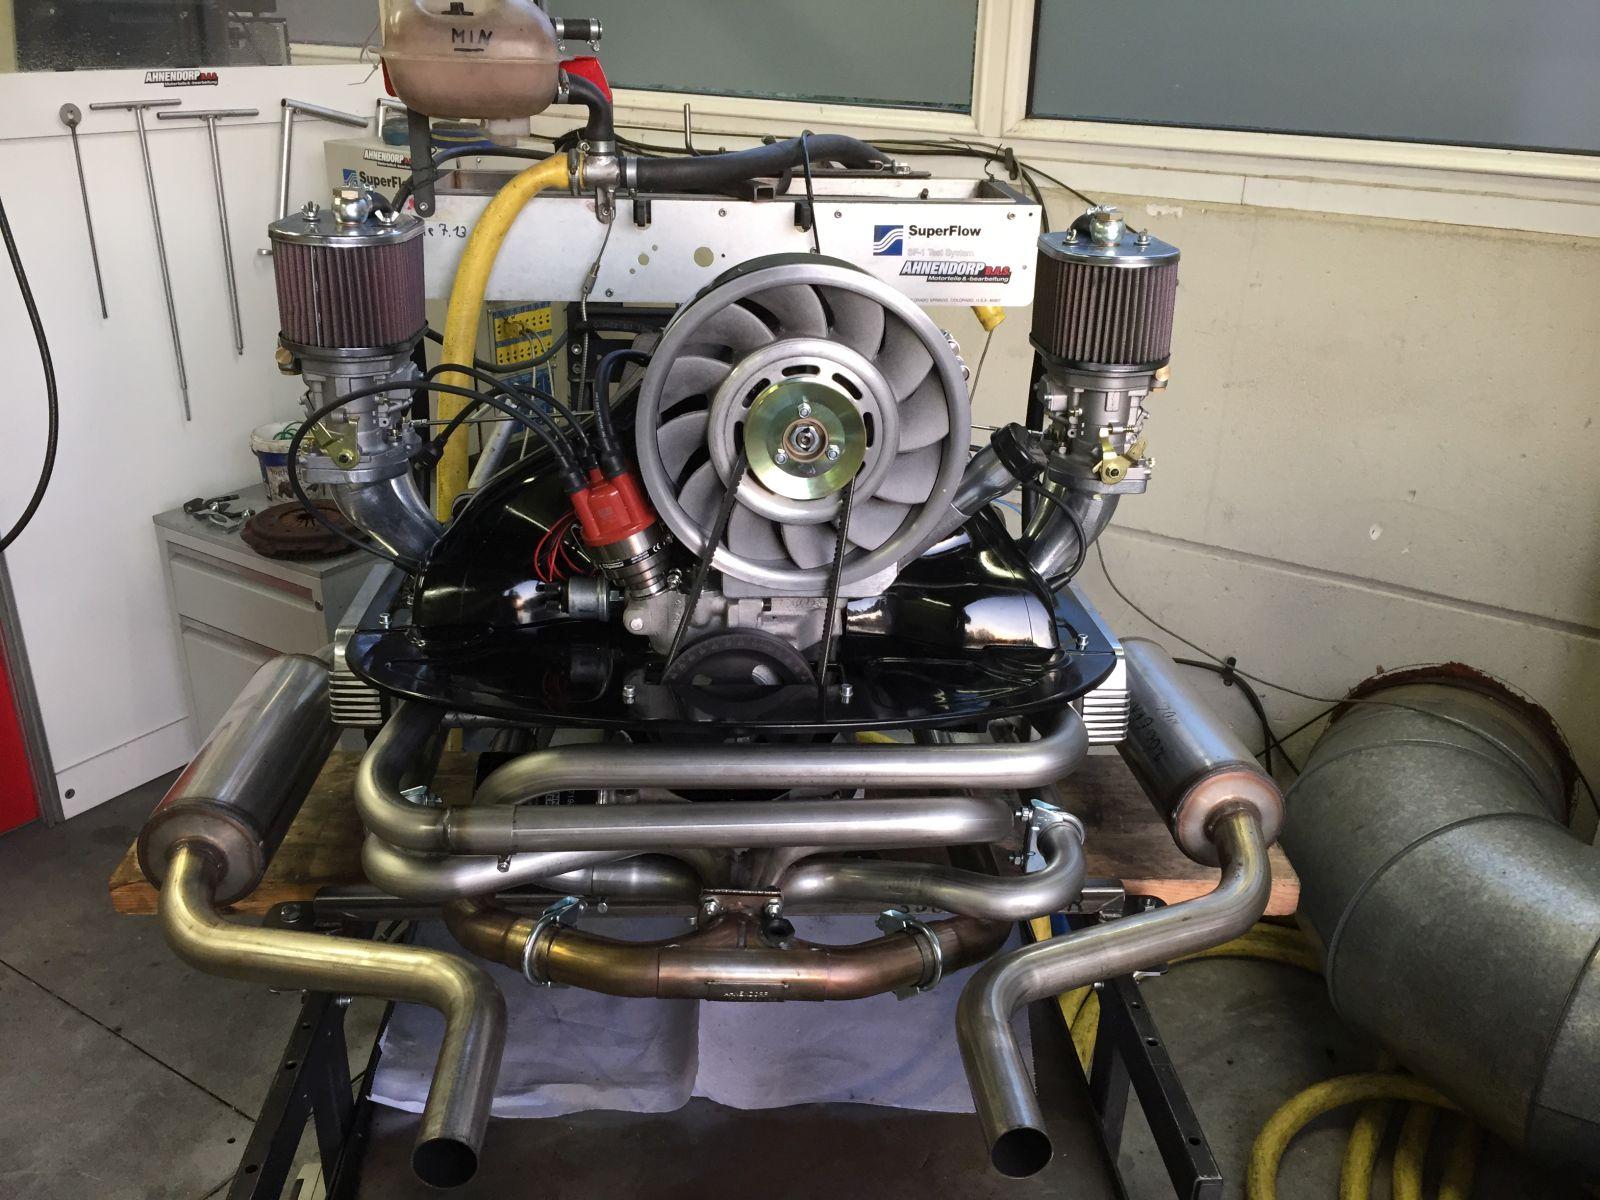 Ahnendorp Bas Seit Mehr Als 25 Jahren Produzieren Wir Unsere Wasserboxer Engine Diagram Spezial Auspuffanlage Vw Kfer Typ 1 Streetsport Edelstahl Mit Vorwrmung